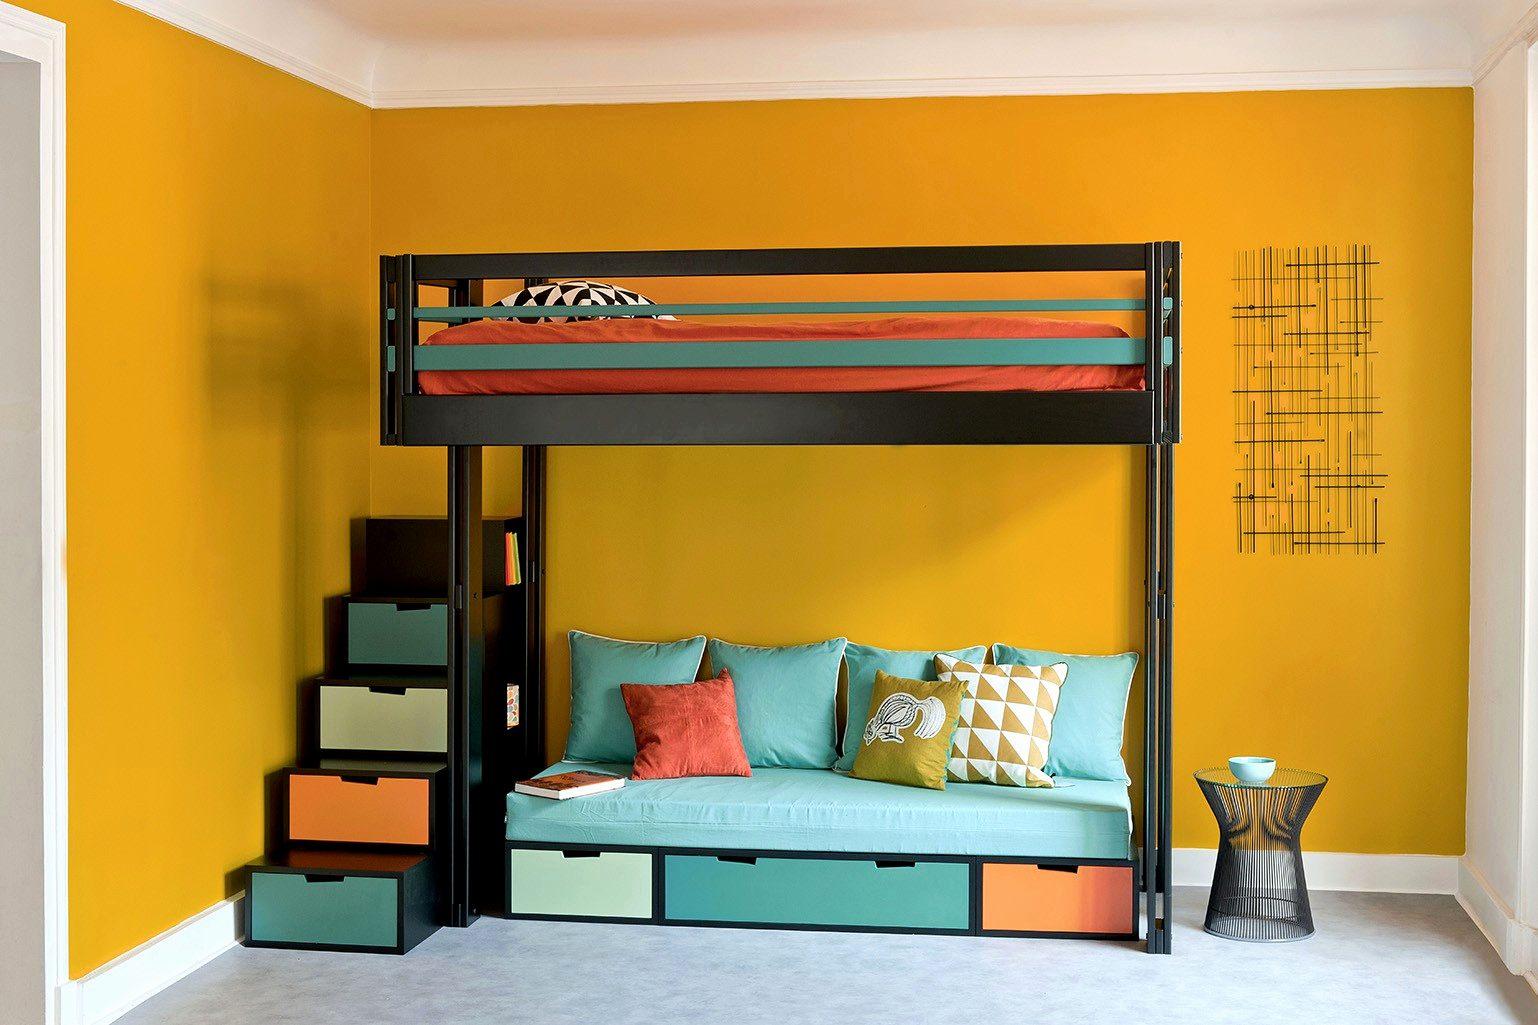 Ikea Lit Avec Rangement Inspirant Escalier Avec Rangement Génial Ikea Bureau Etagere Bureau sous